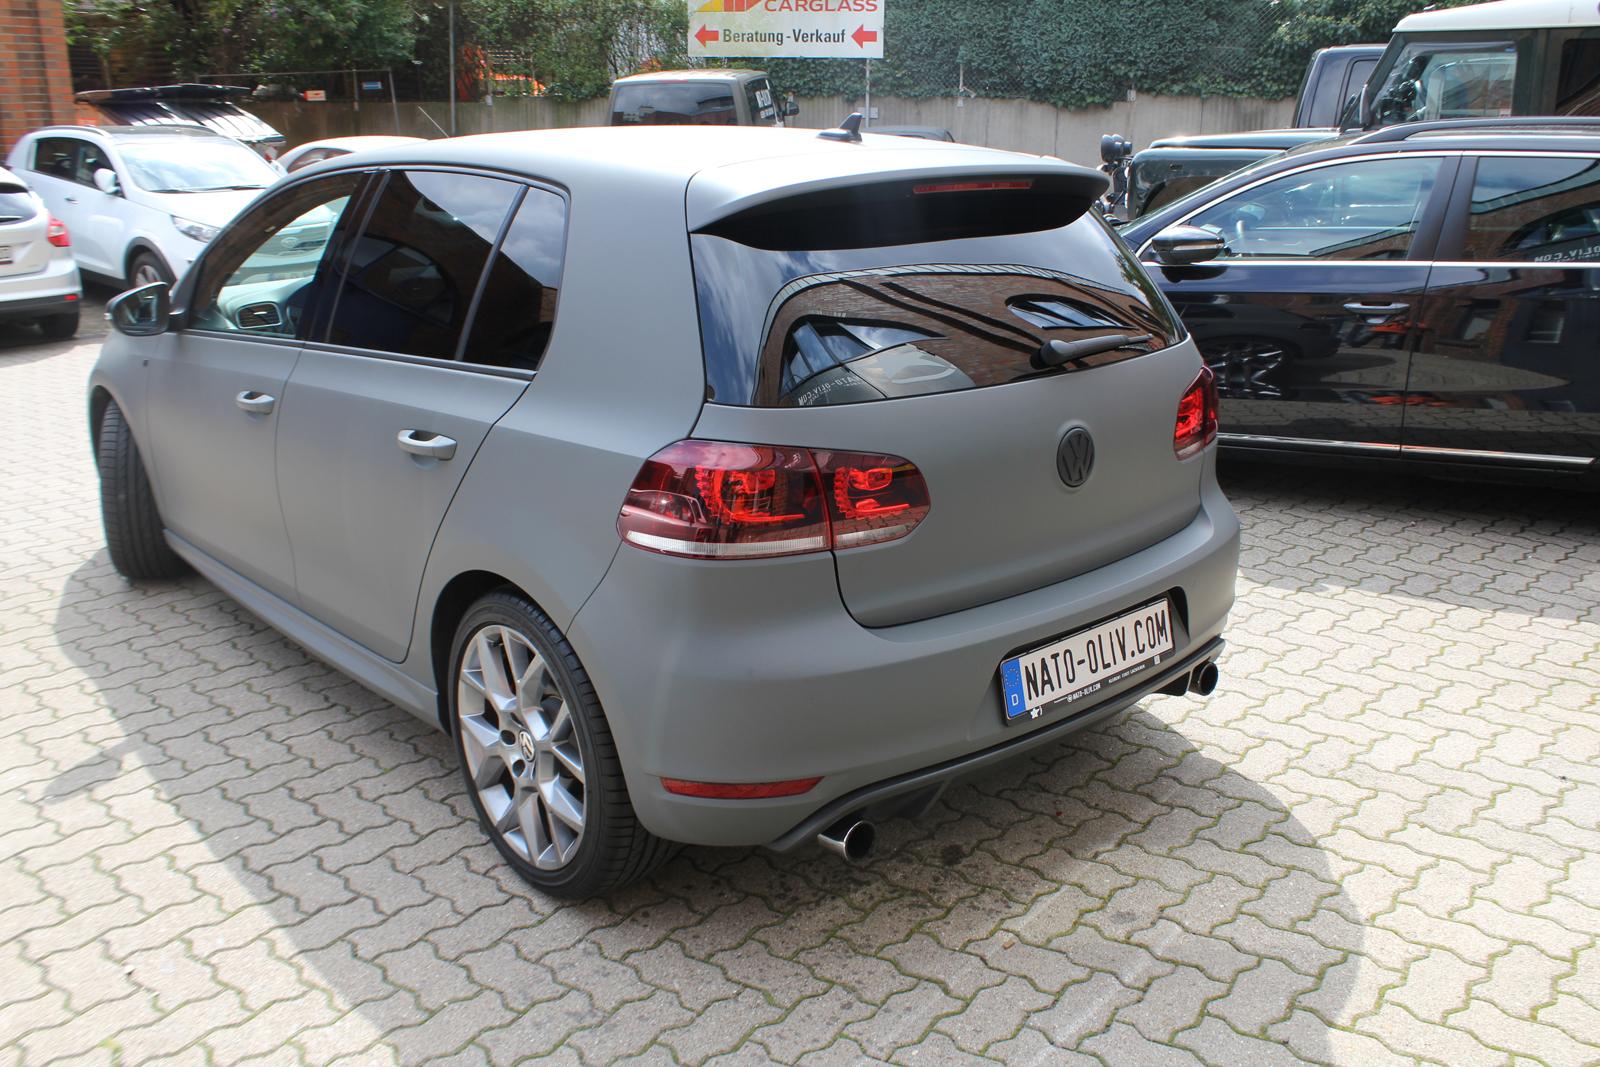 Auto Folierung Car Wrapping VW Golf GTI Grau Matt